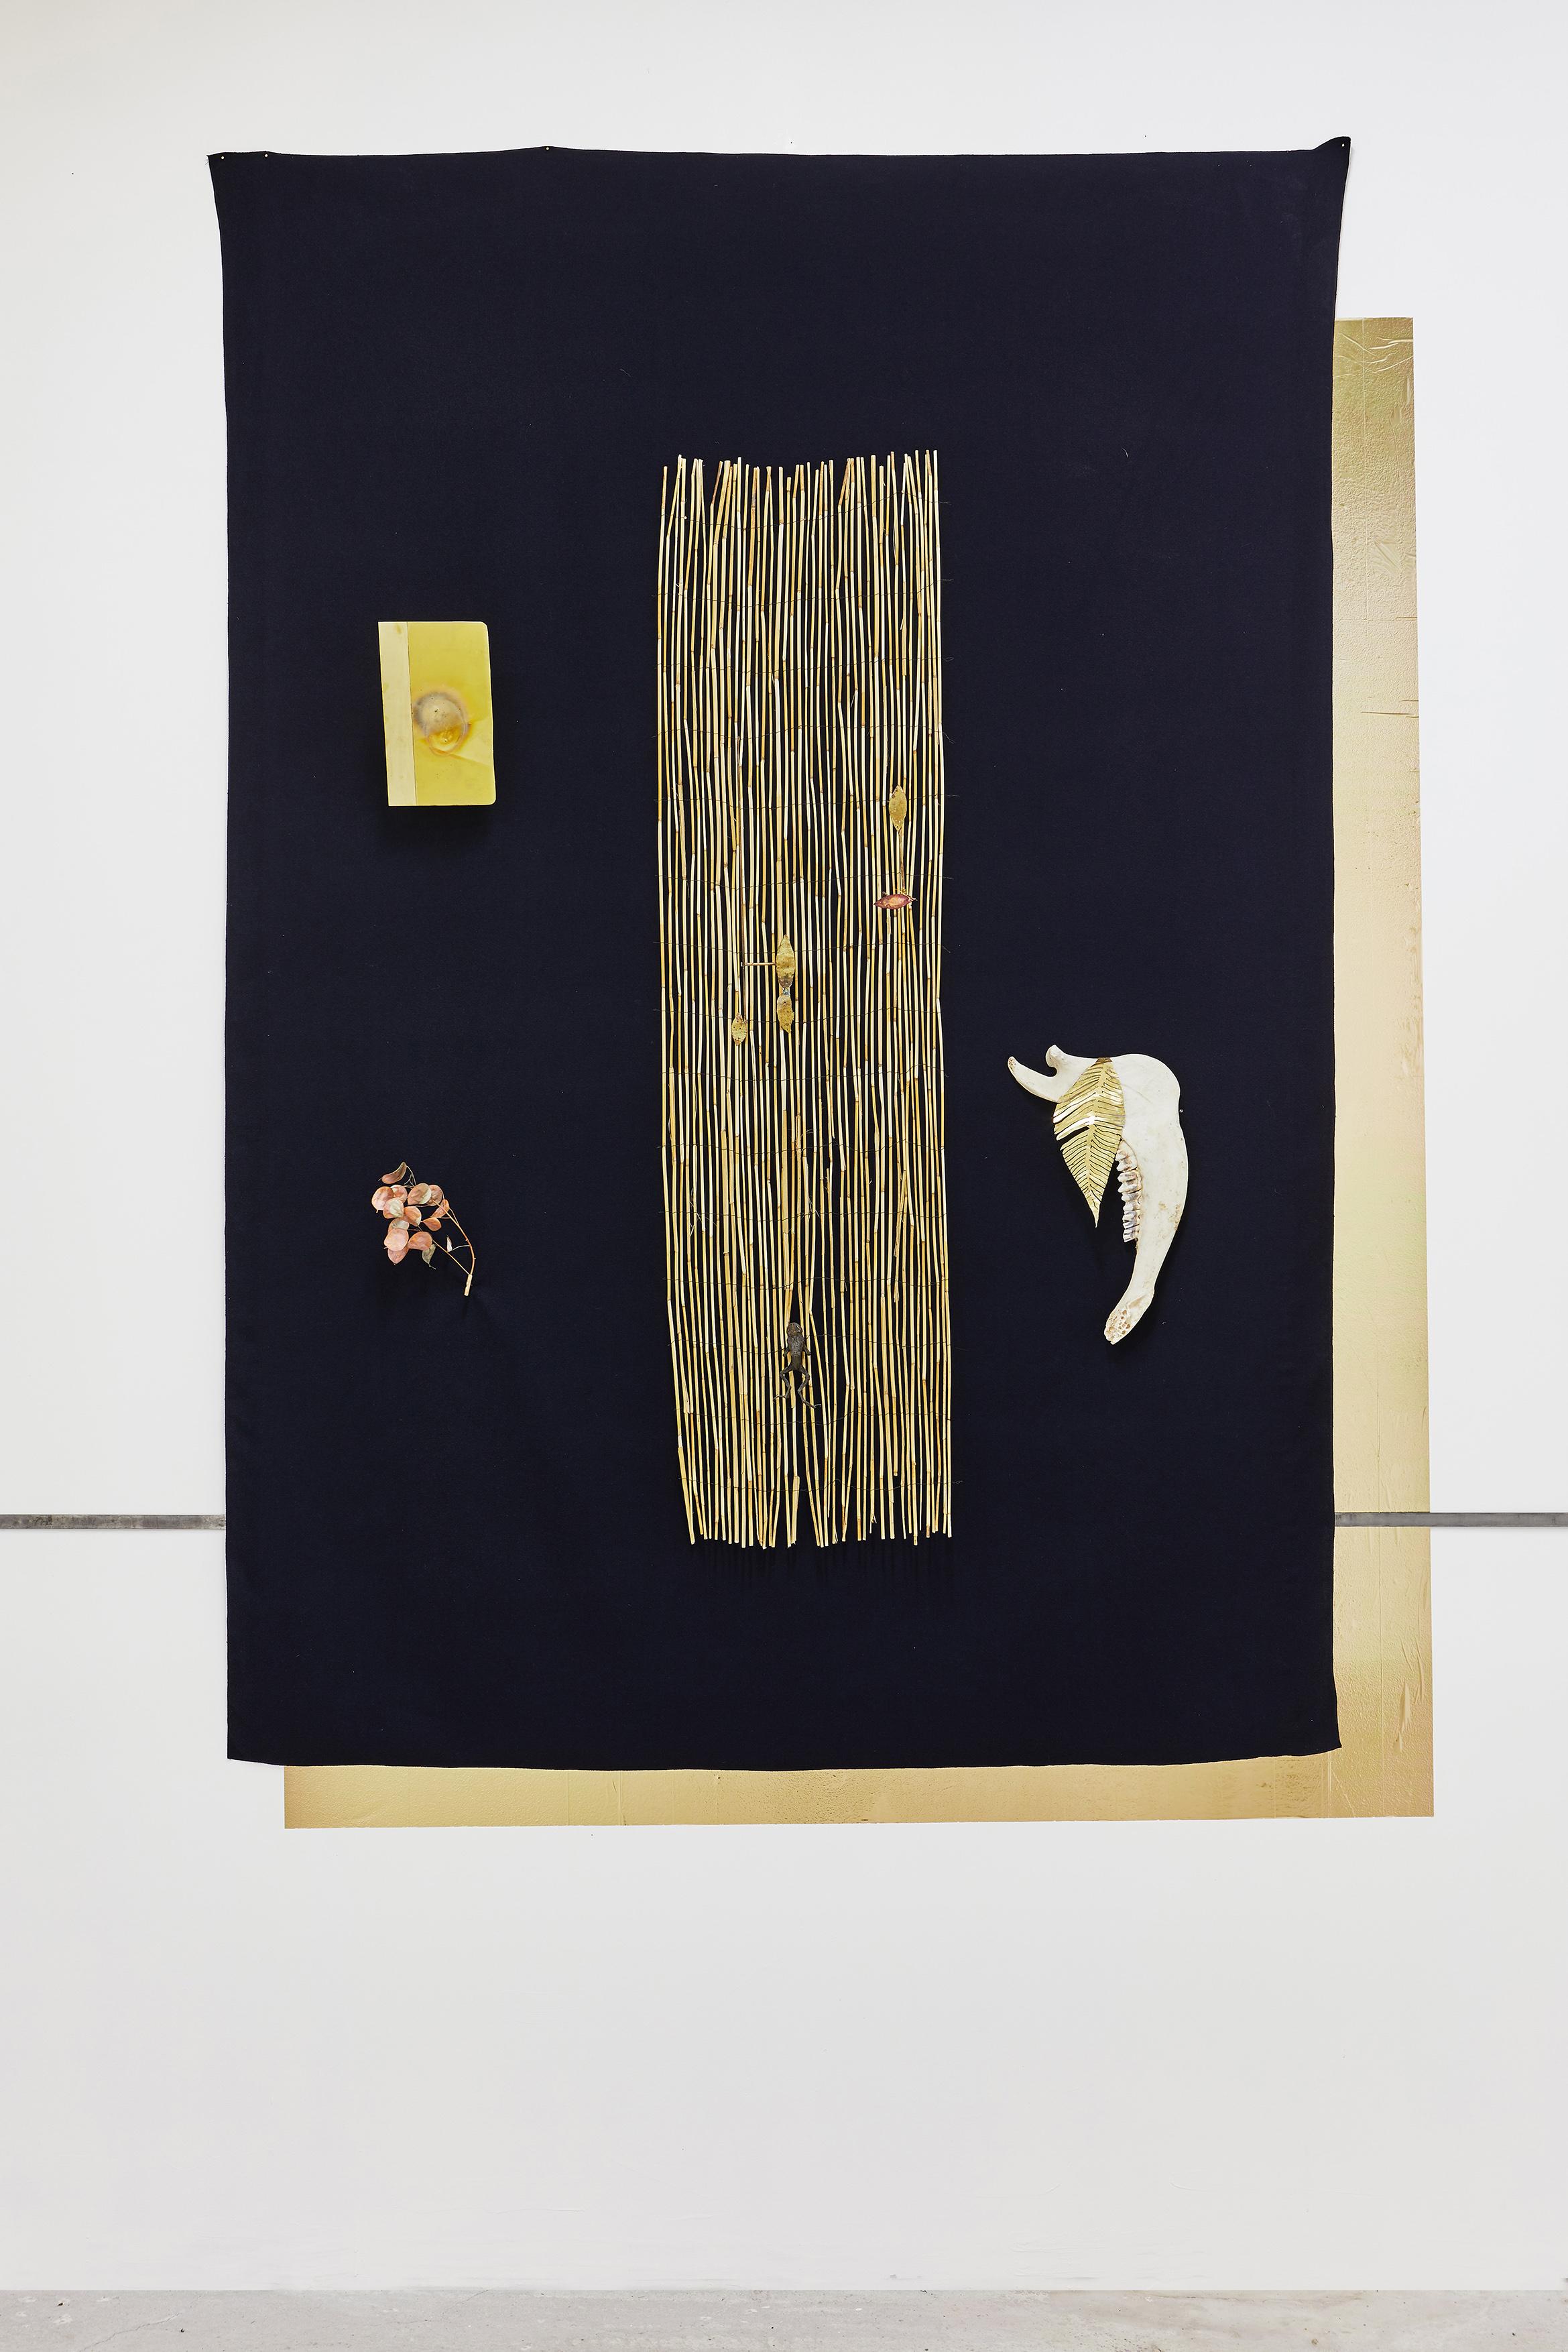 Le radeau,  2019. Laine, canisse, laiton, monnaie du pape, cuivre, machoire de cheval, grenouille